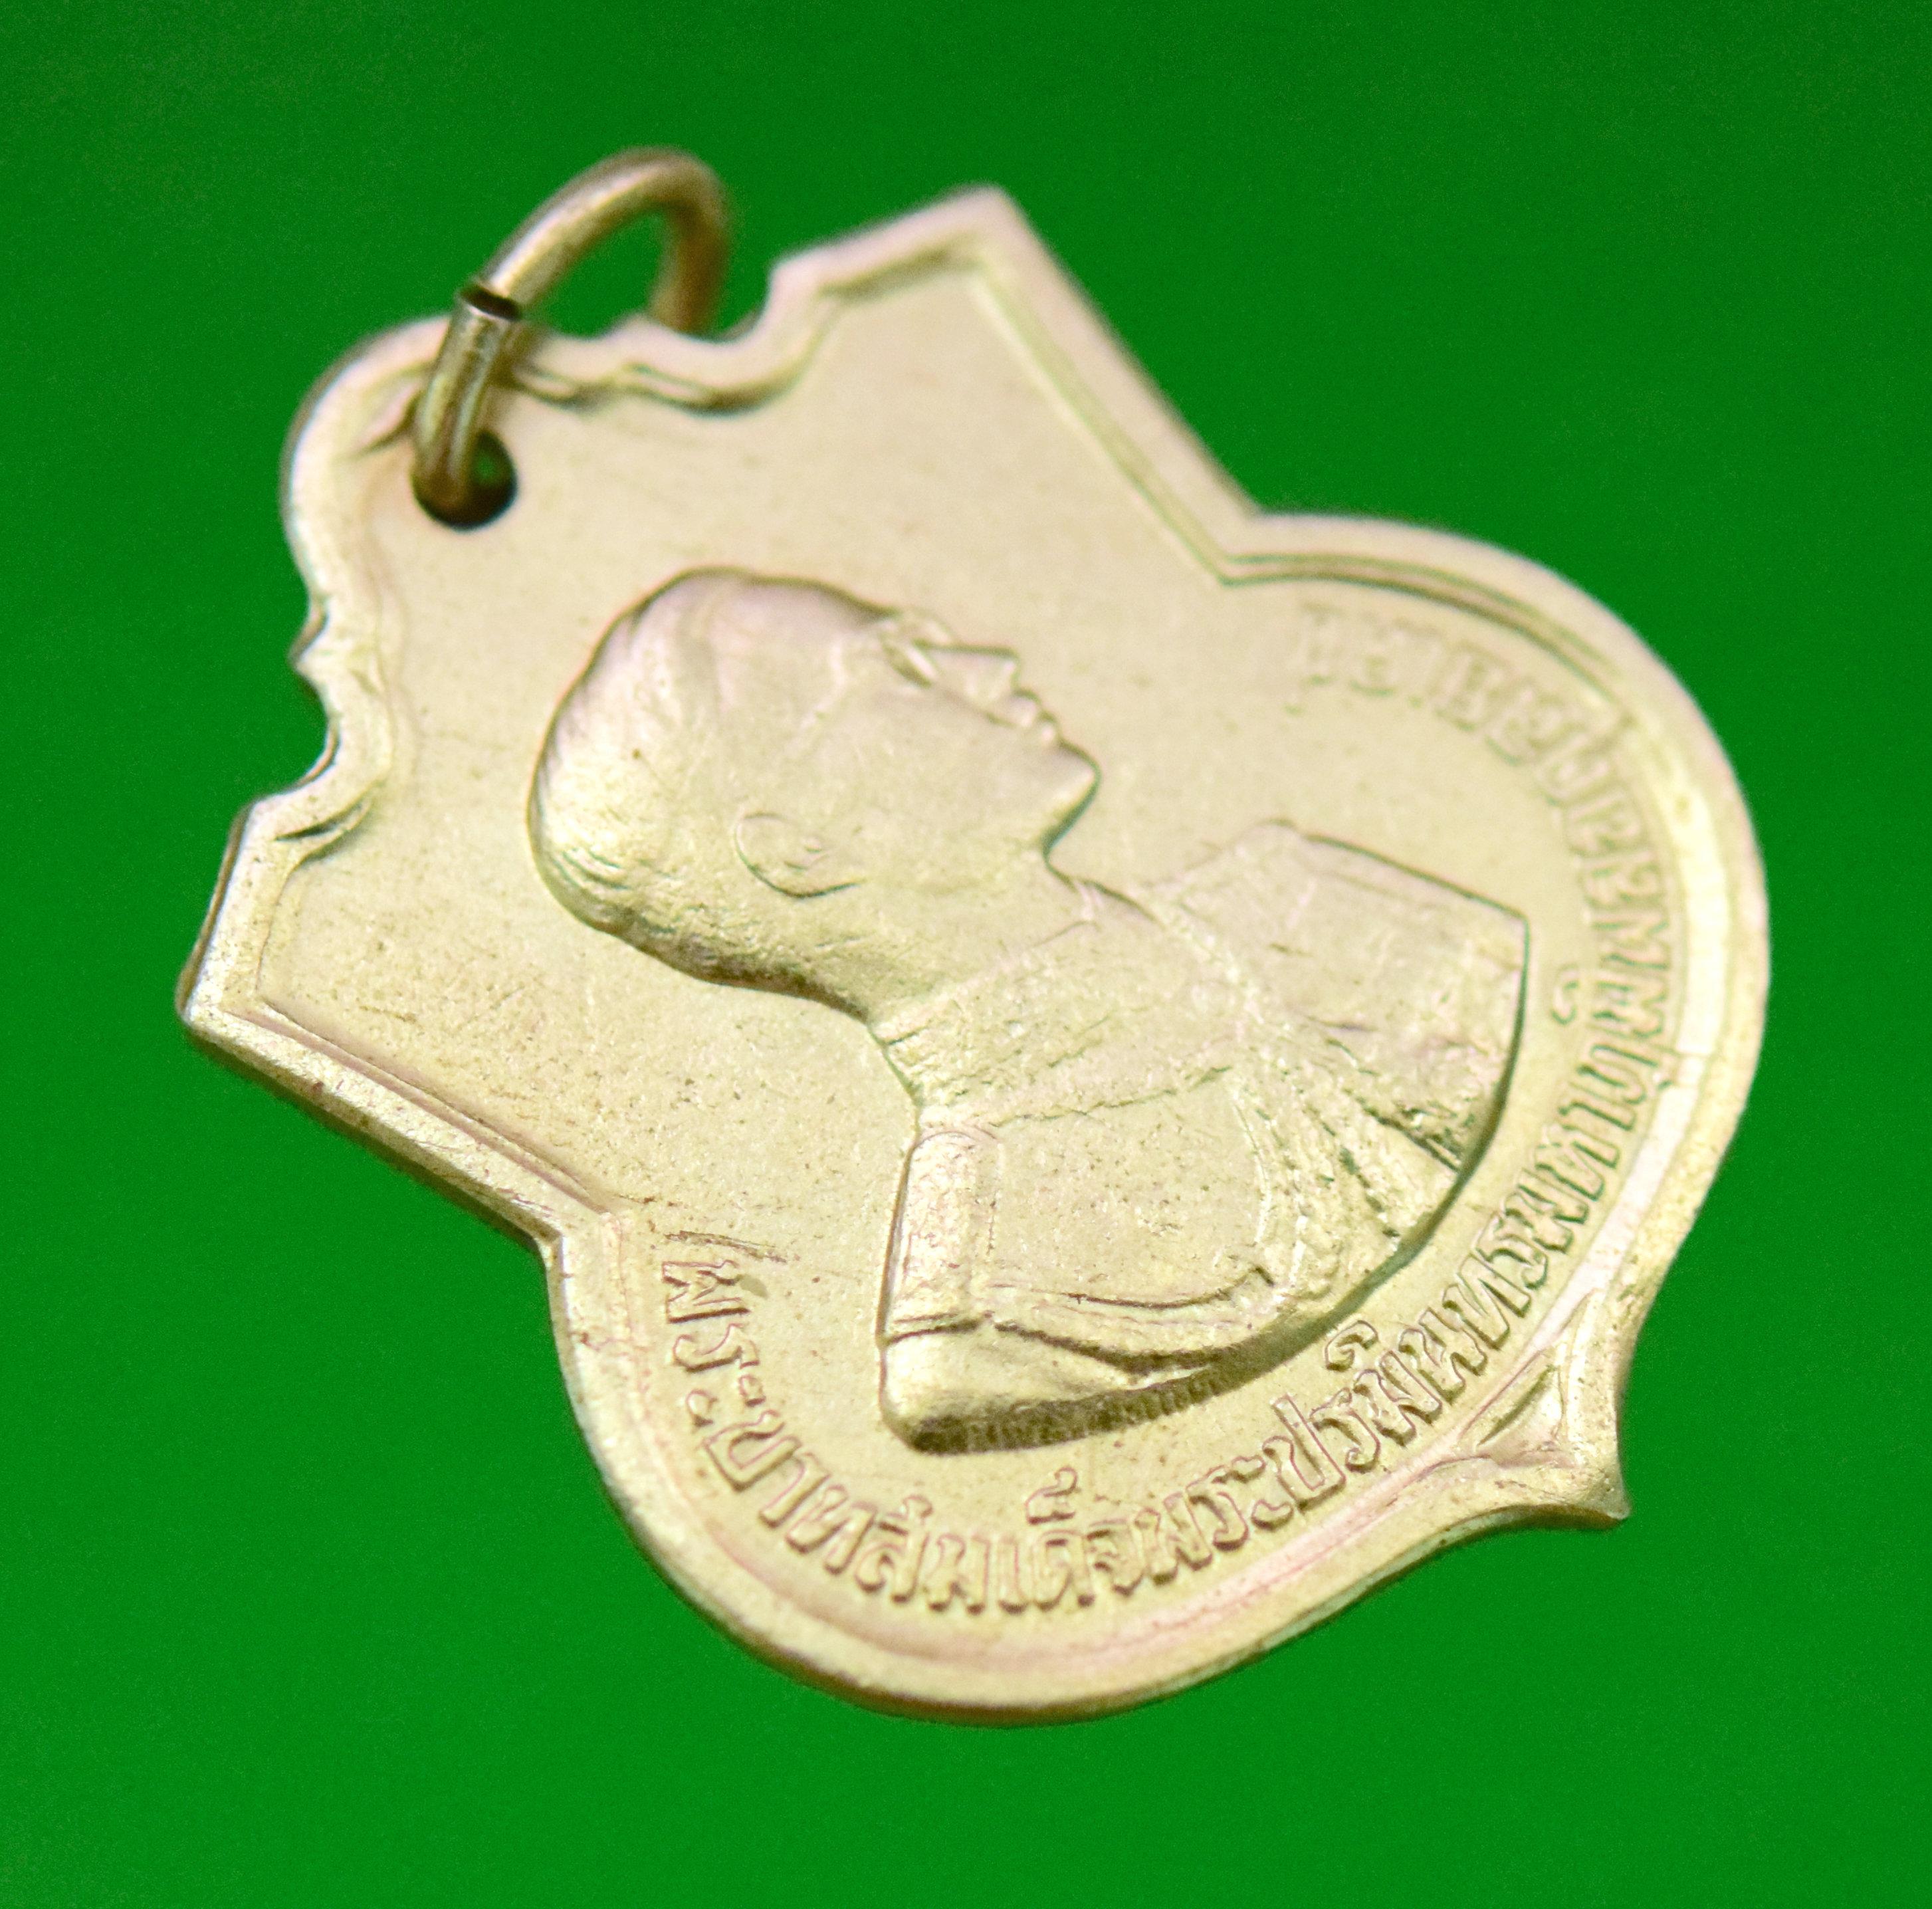 เหรียญอนุสรณ์มหาราช (เฉลิมพระชนมพรรษาครบ 3 รอบ) รัชกาลที่ 9 พ.ศ.2506--3